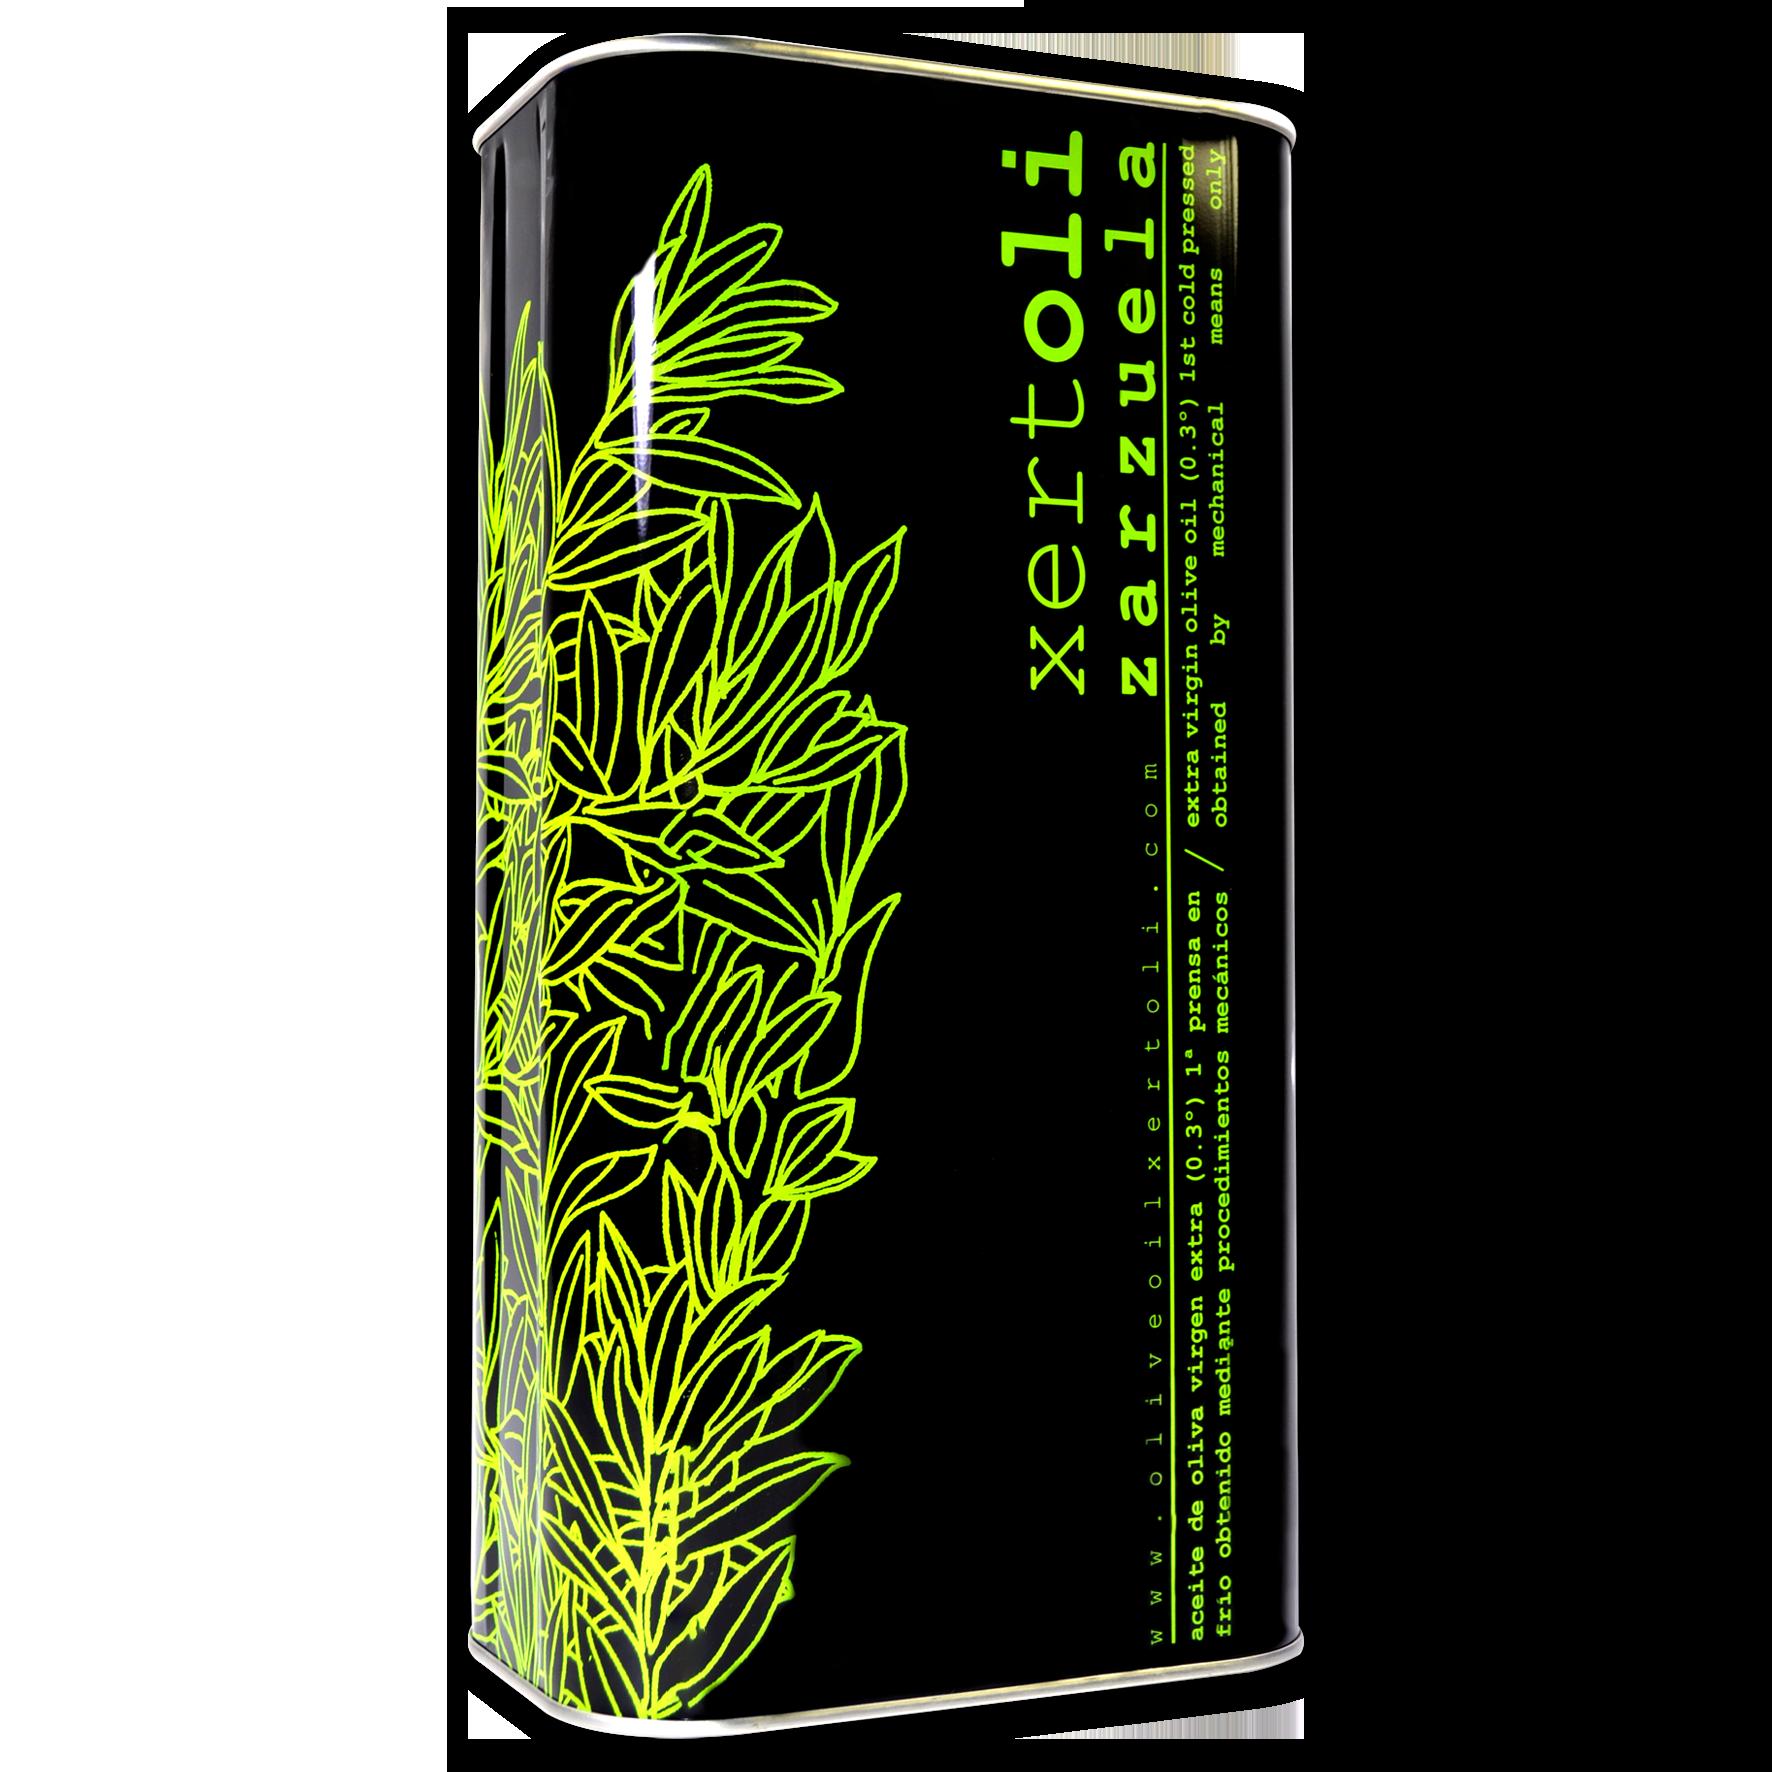 Aceite de oliva virgen extra Xertoli